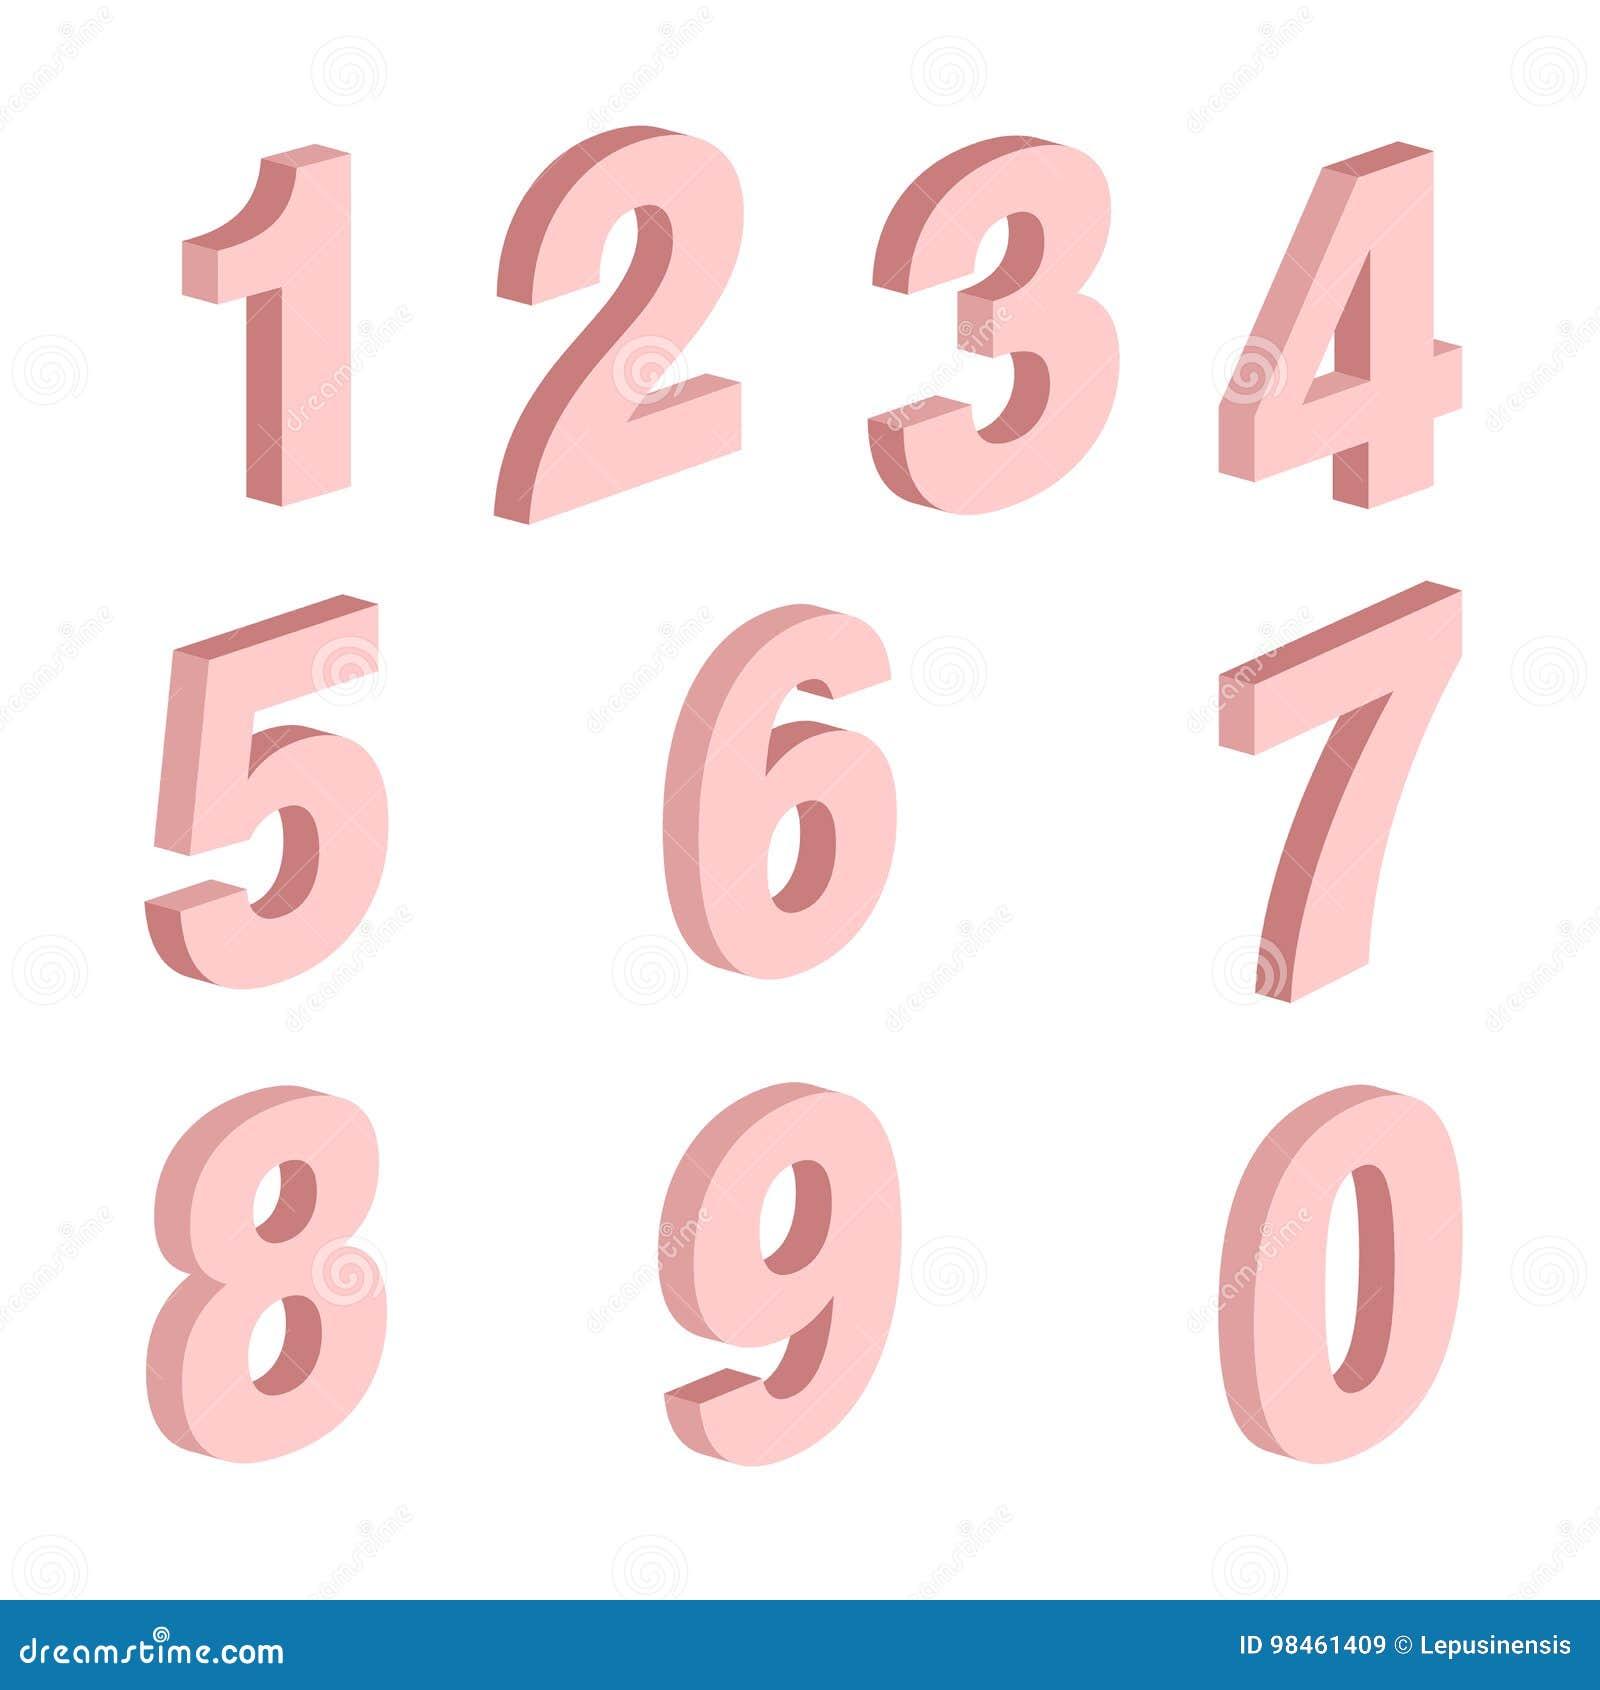 十号码表单零到九,数字设计元素集